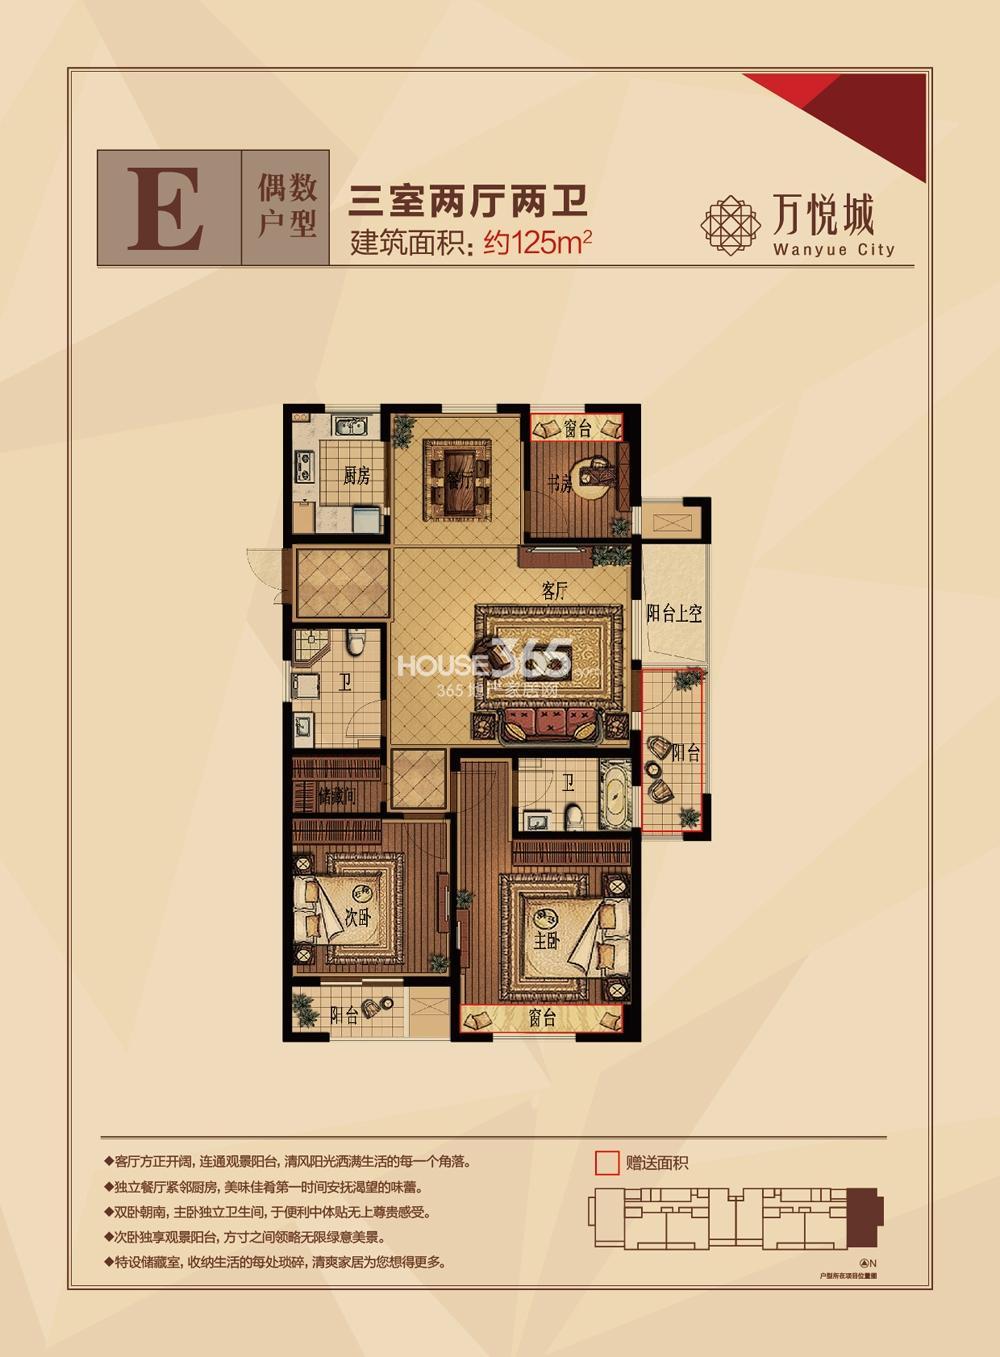 嘉丰万悦城10号楼E偶数户型 125方